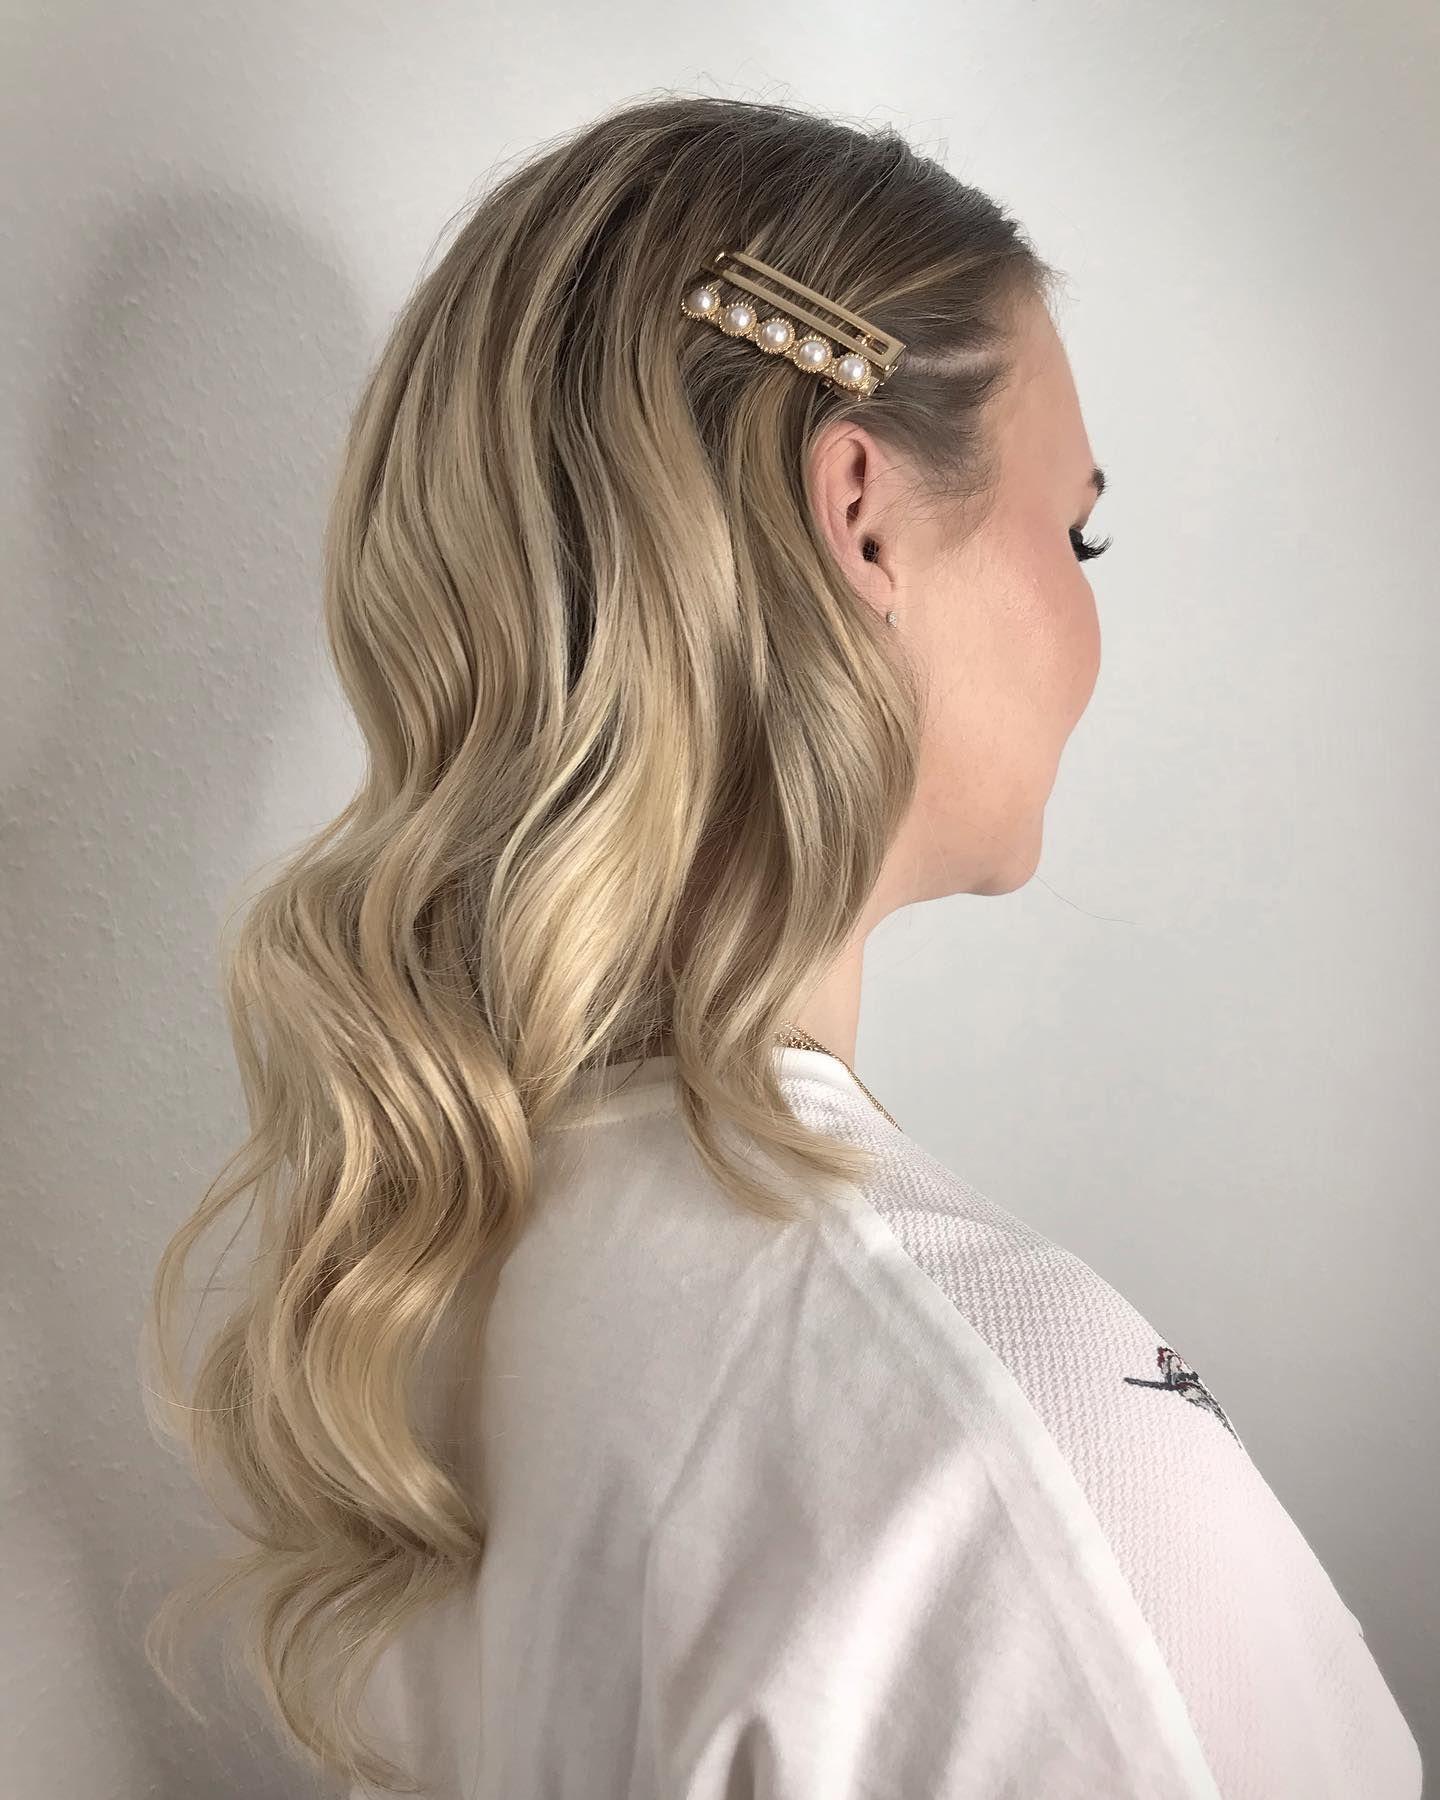 23+ Frisur und make up hochzeit stuttgart Information